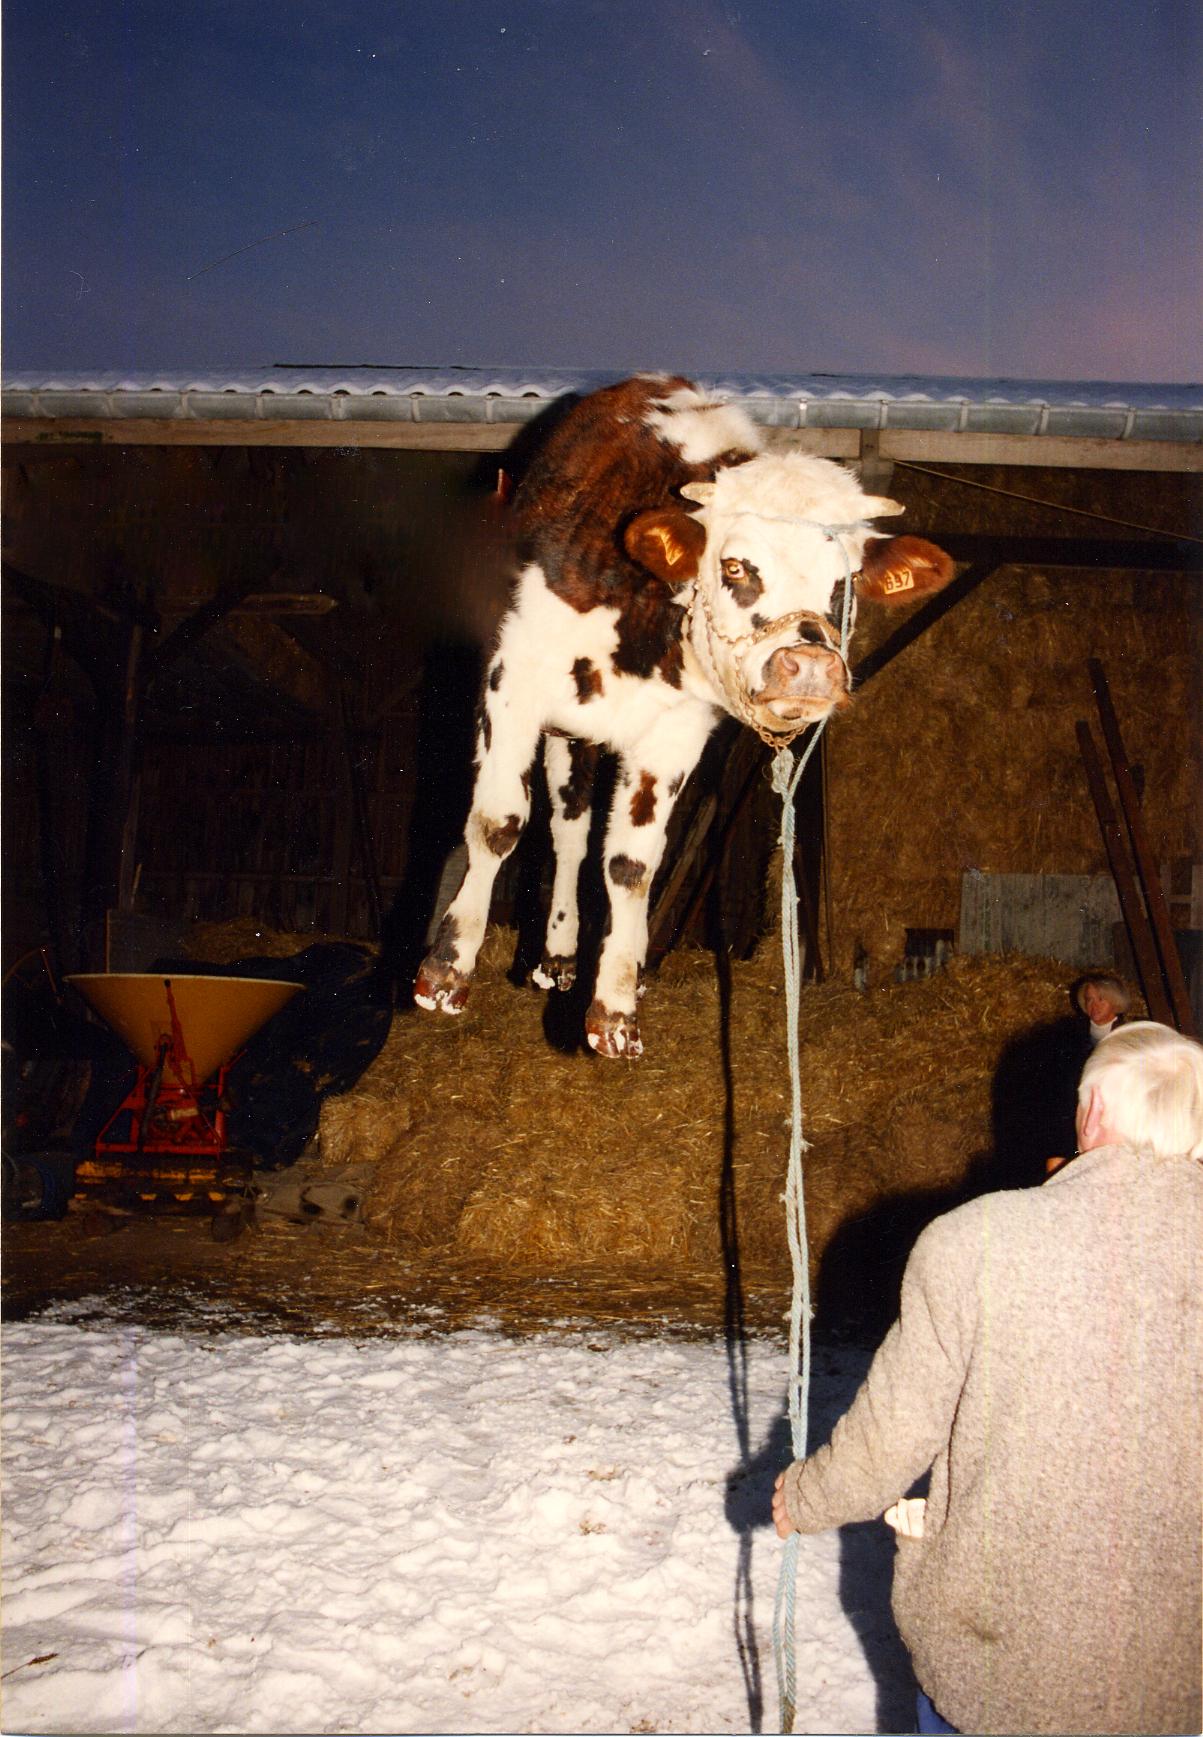 Méga-Illusion - la Vache